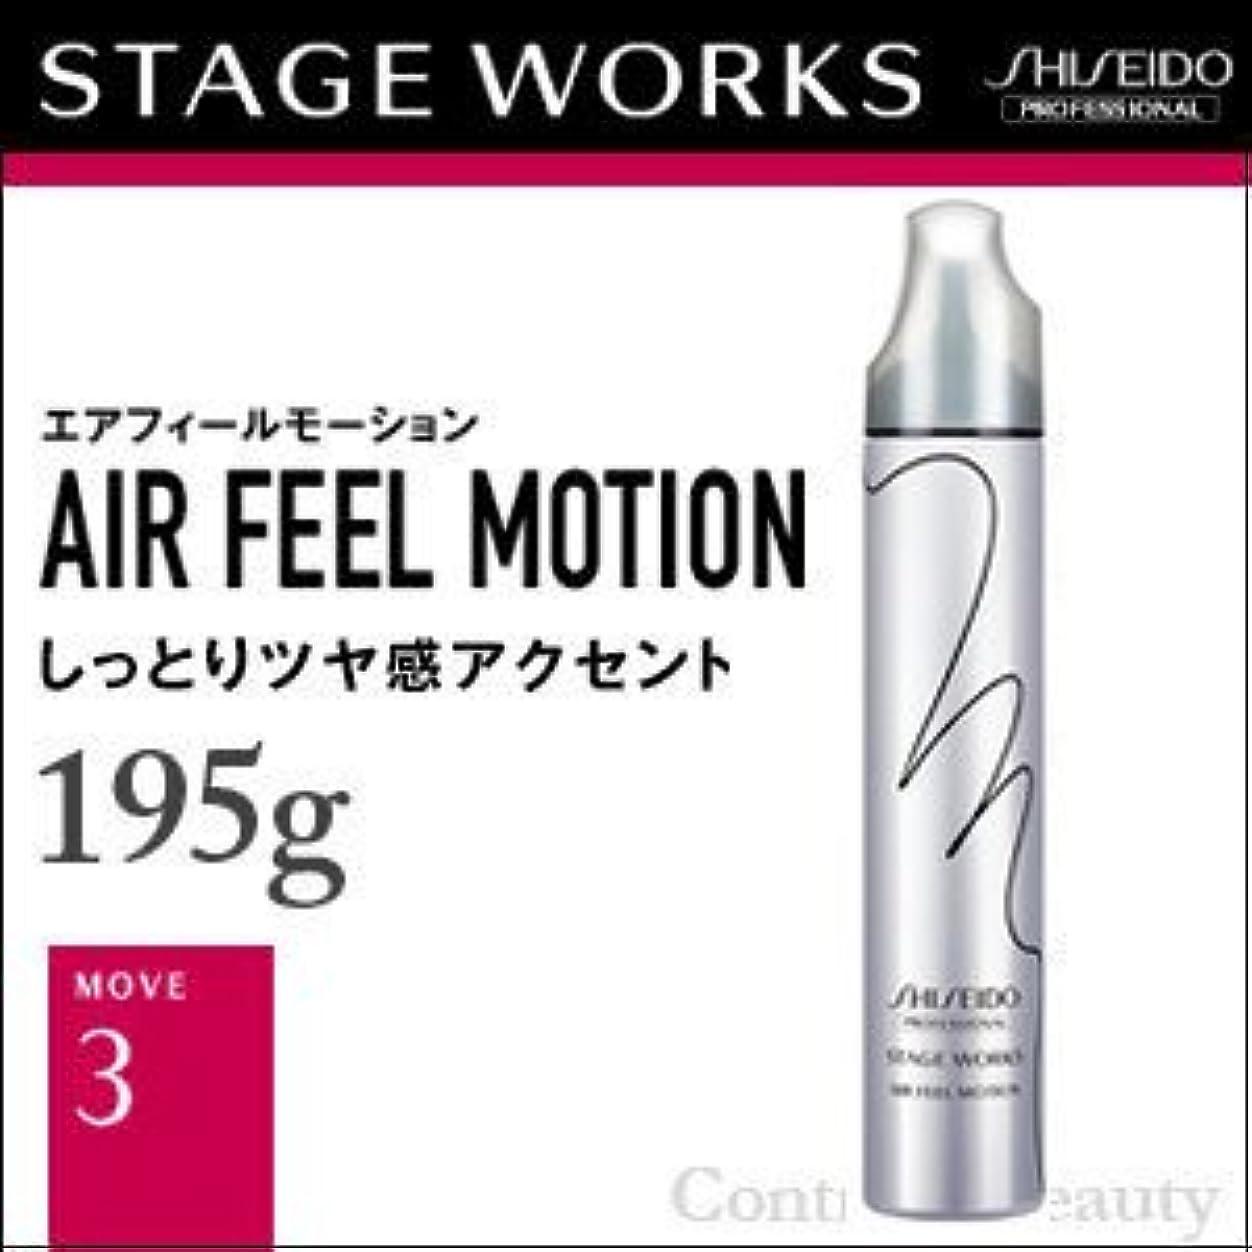 【x5個セット】 資生堂プロフェッショナル ステージワークス エアフィールモーション 195g